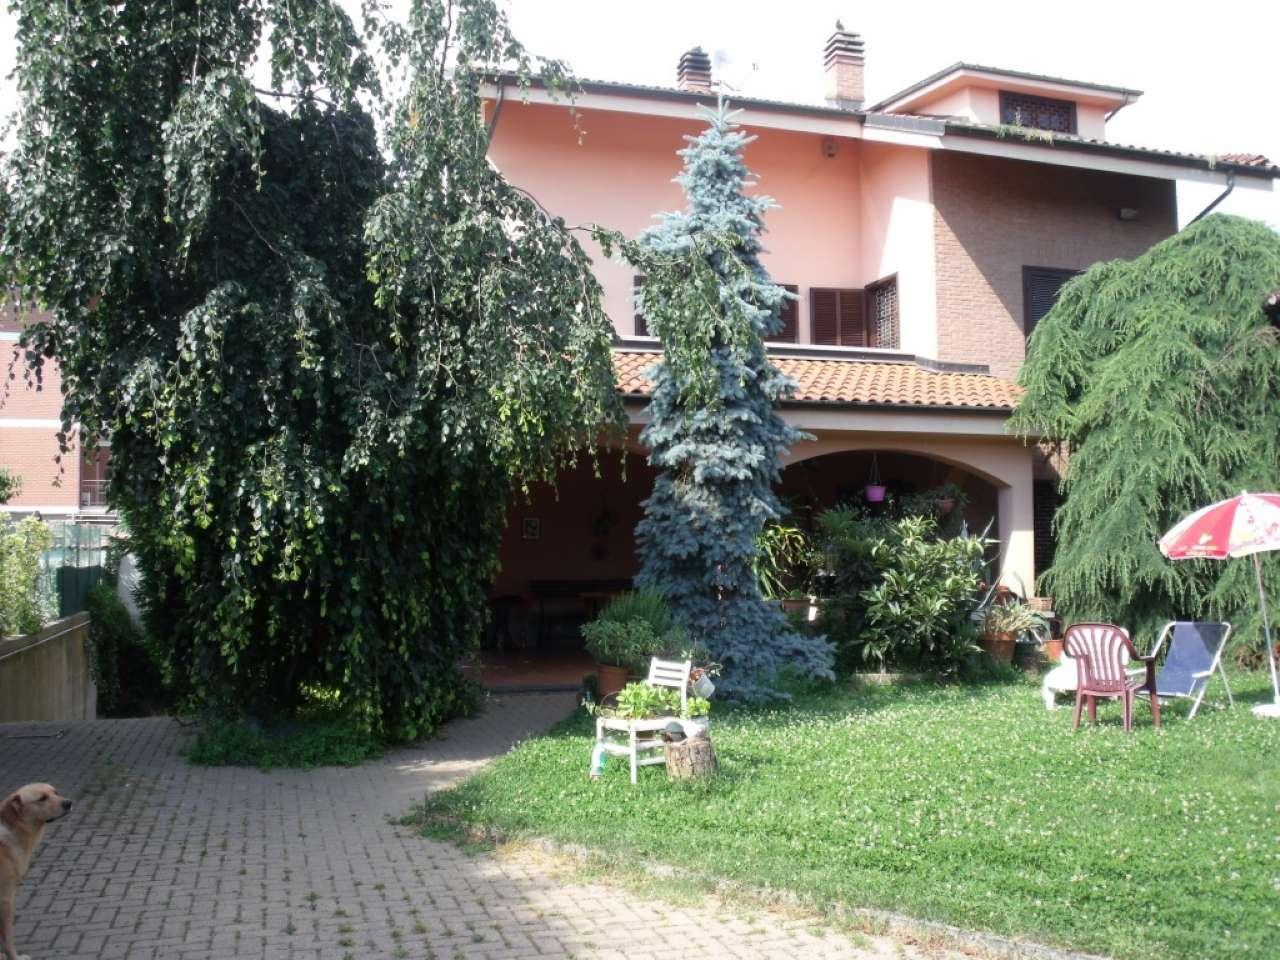 Villa in vendita a Santena, 6 locali, prezzo € 420.000 | PortaleAgenzieImmobiliari.it